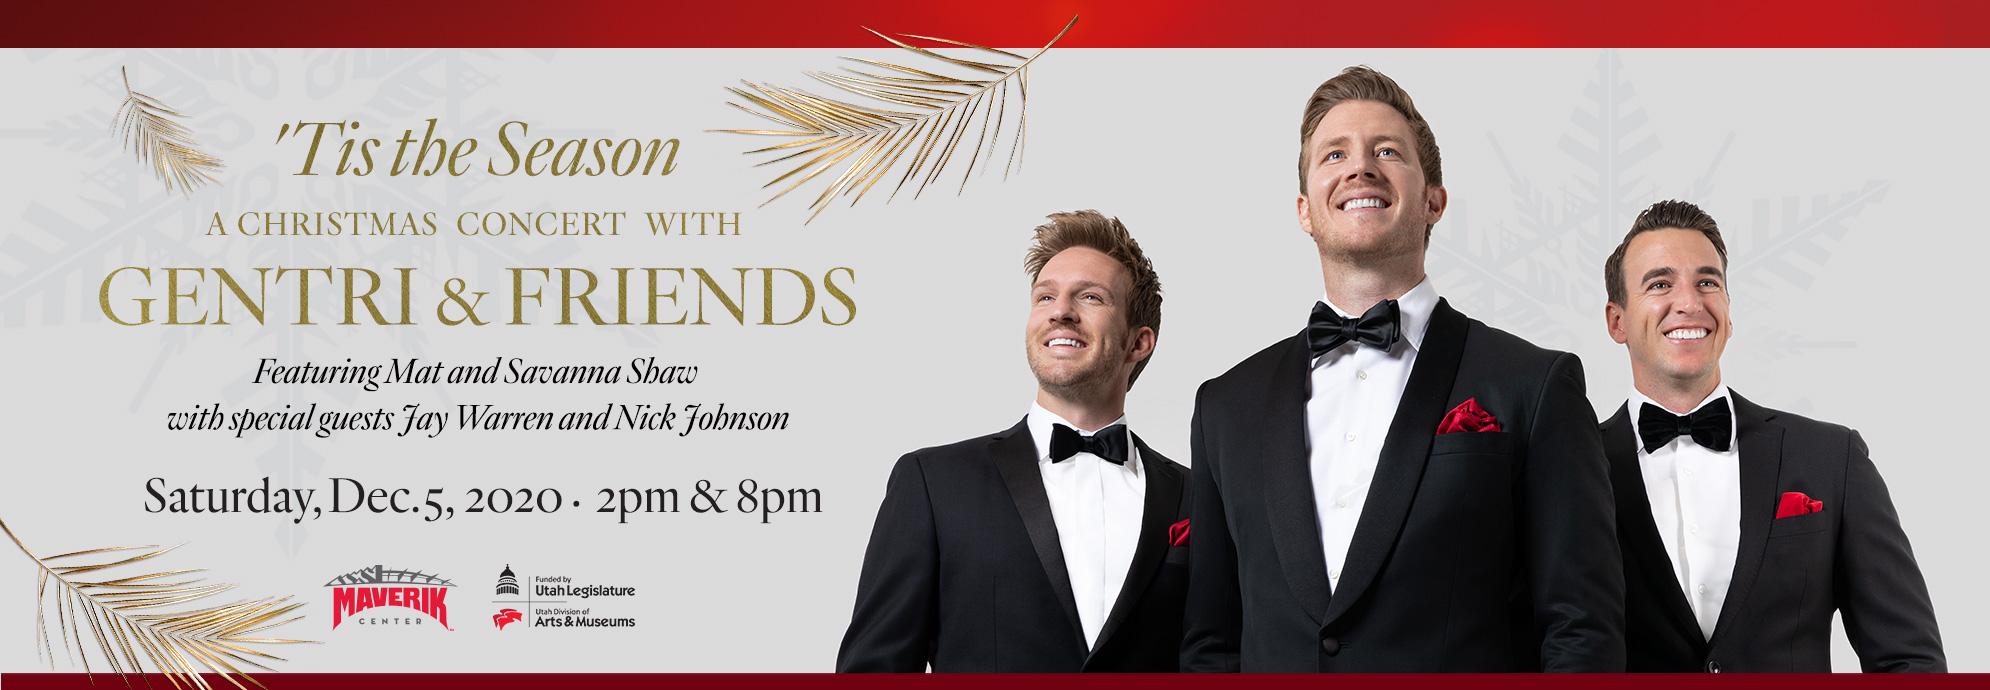 GENTRI & FRIENDS - 8:00 PM Evening